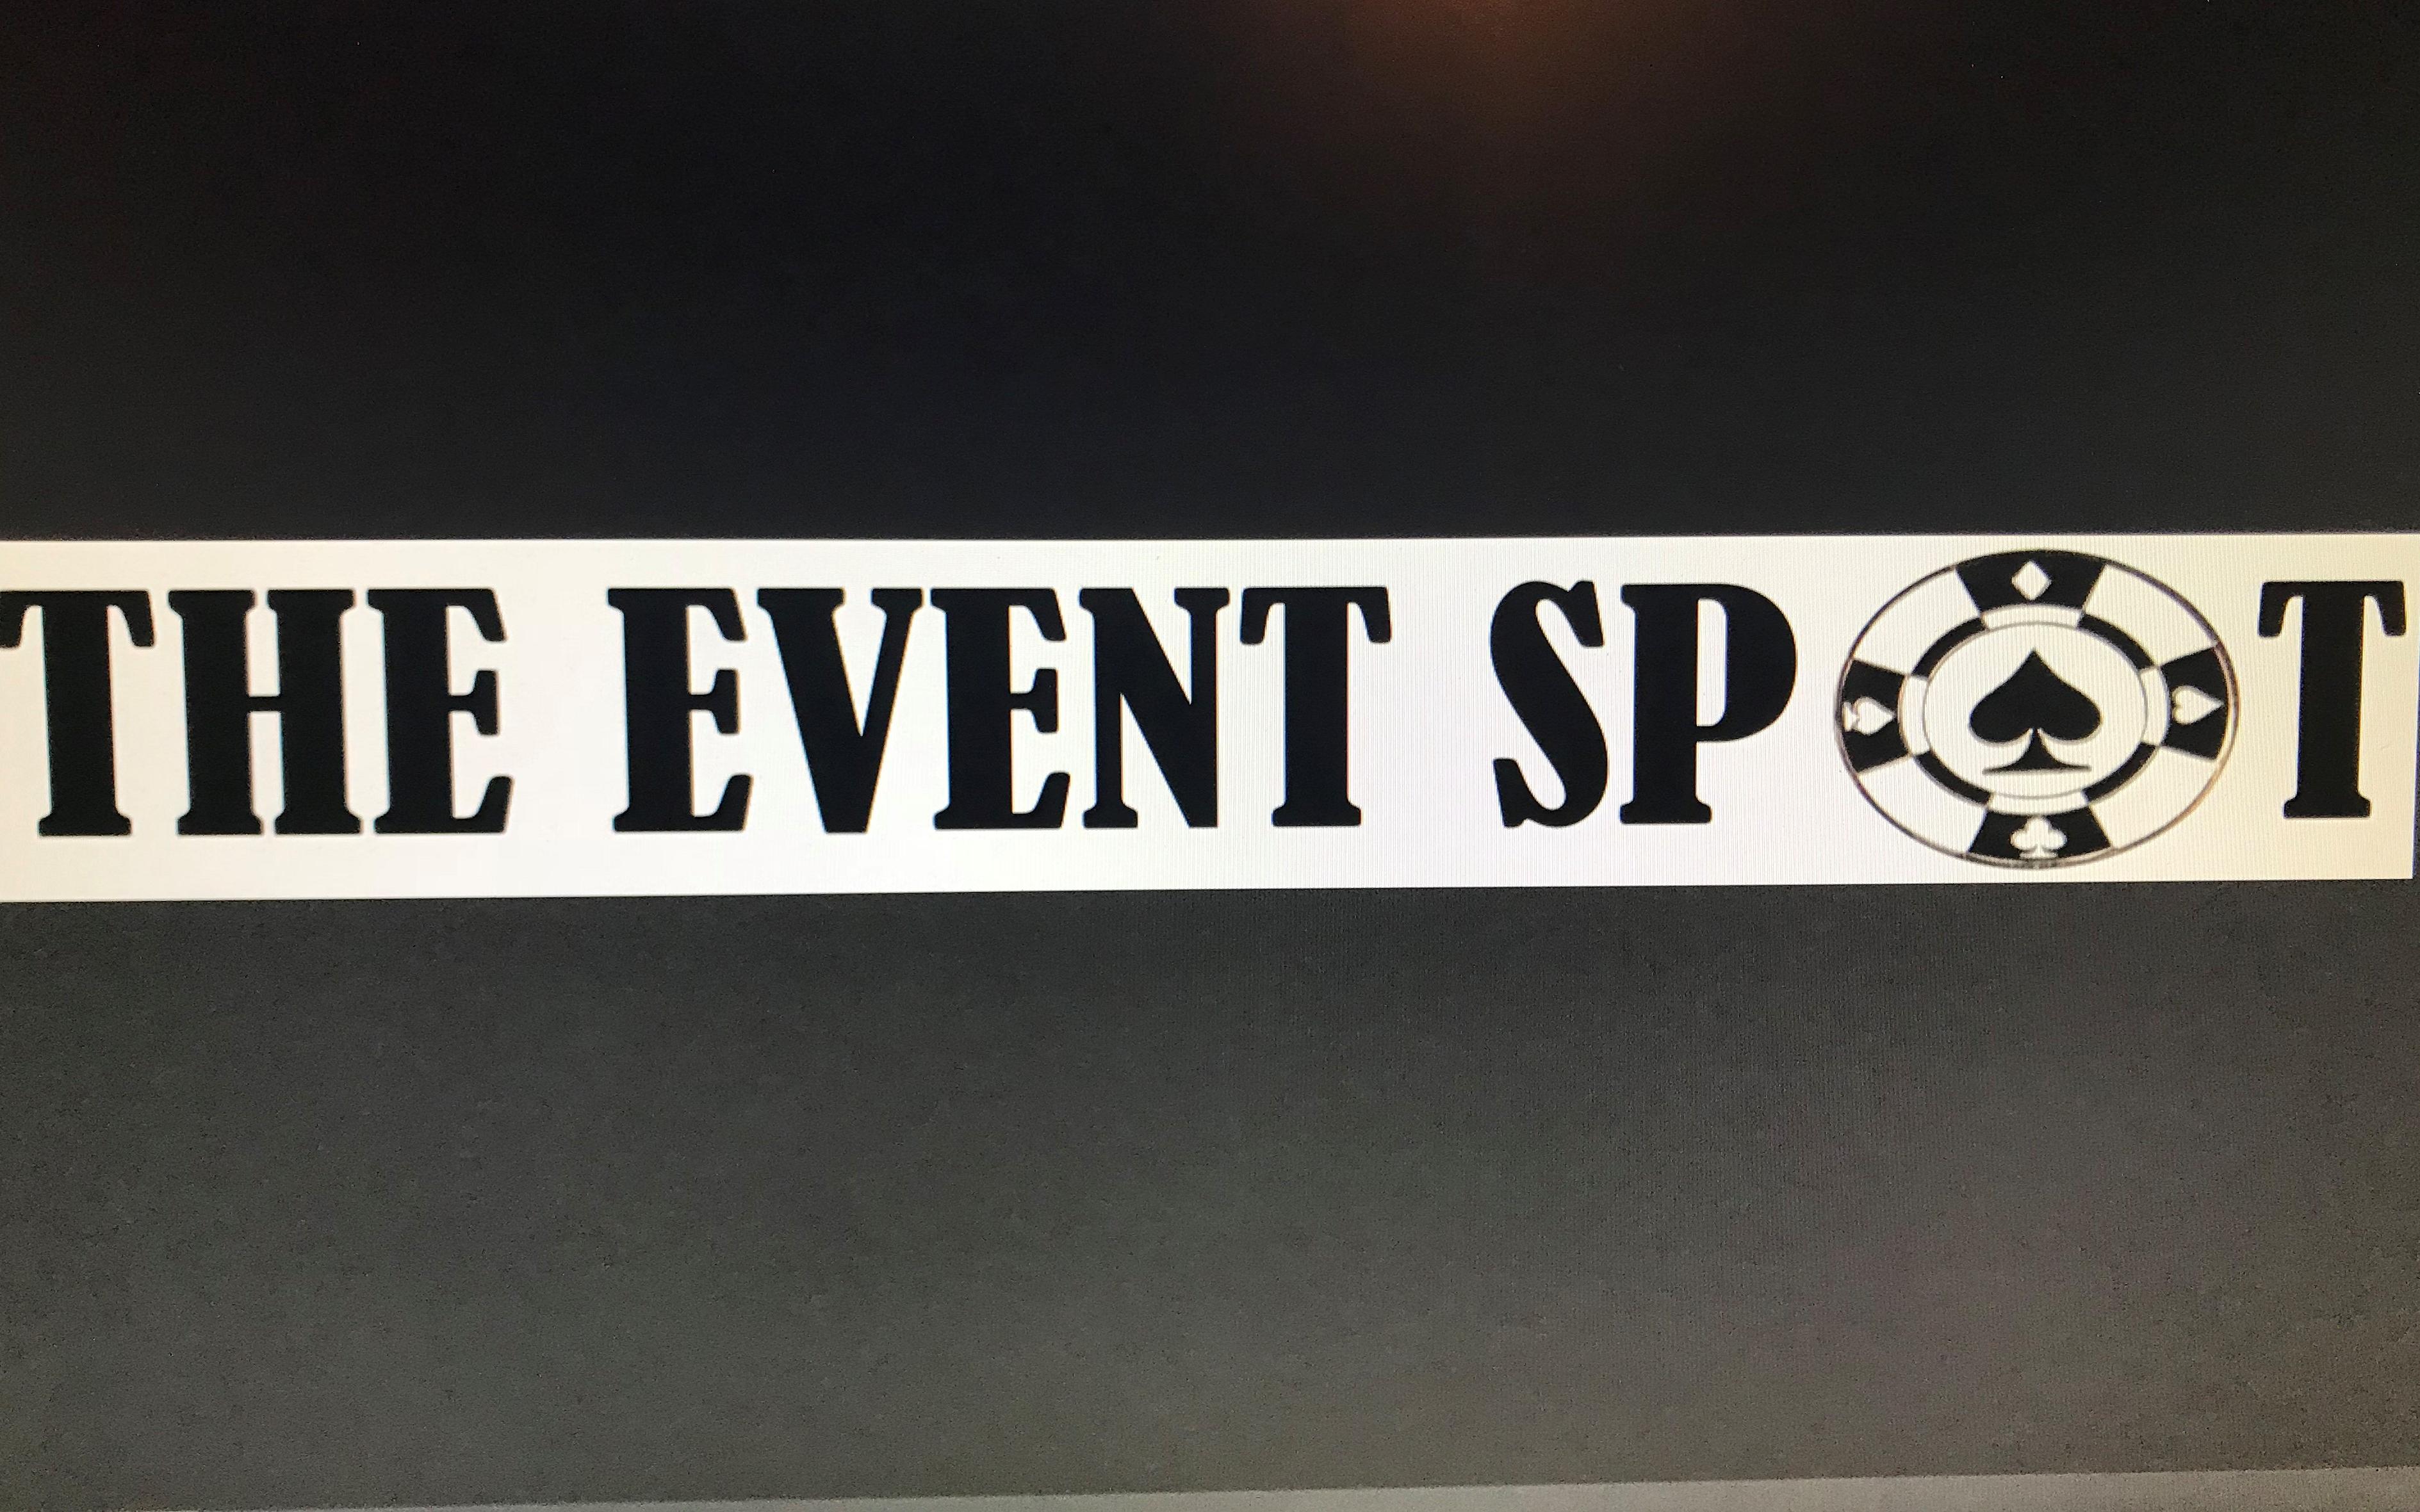 Event Spot